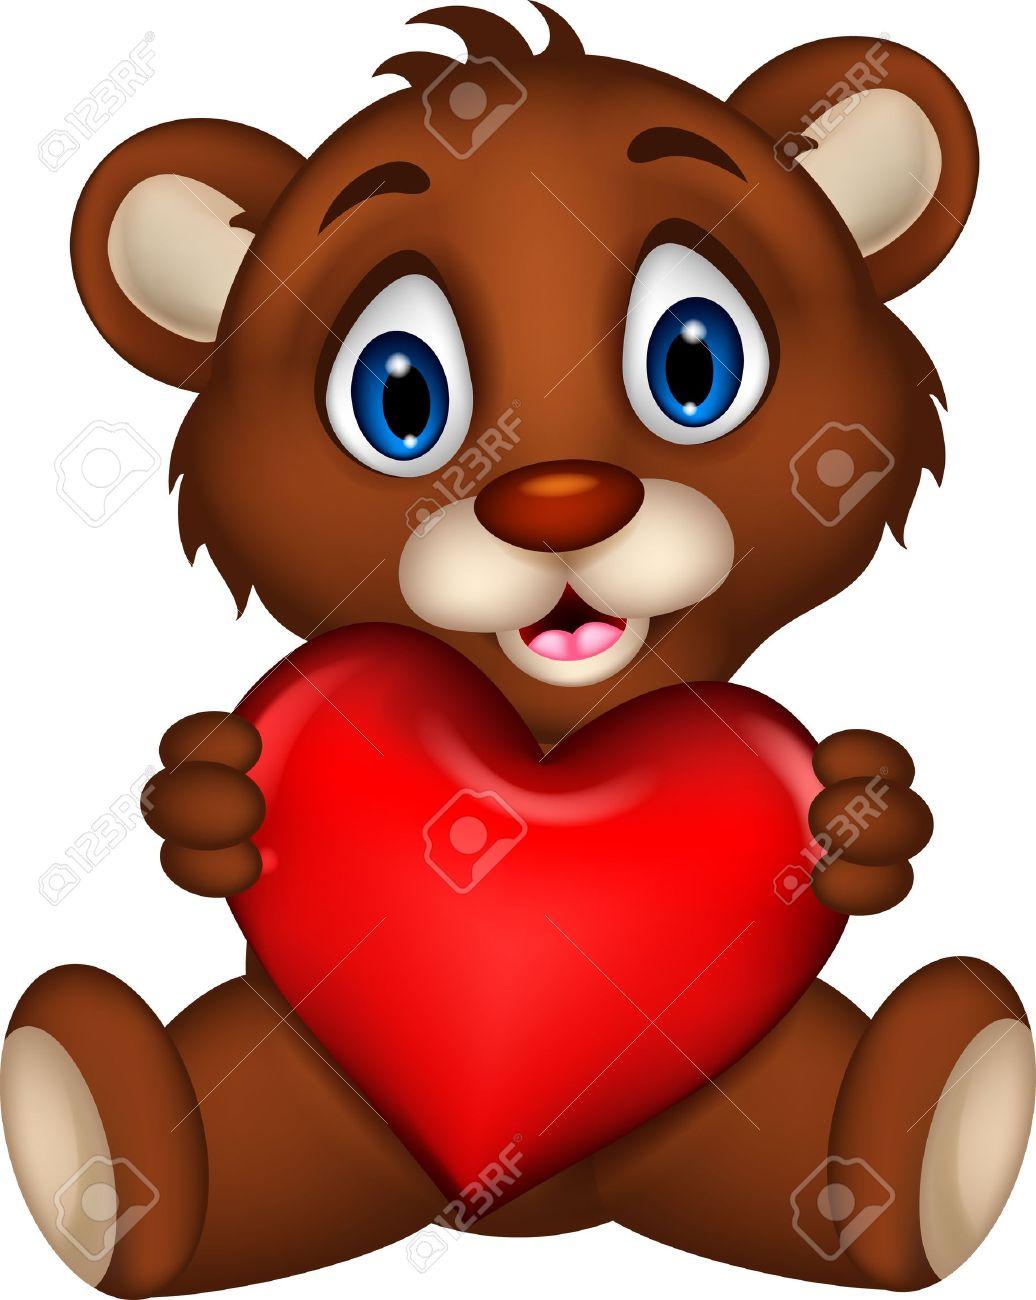 banque dimages mignon bb ours brun dessin anim posant avec amour de coeur